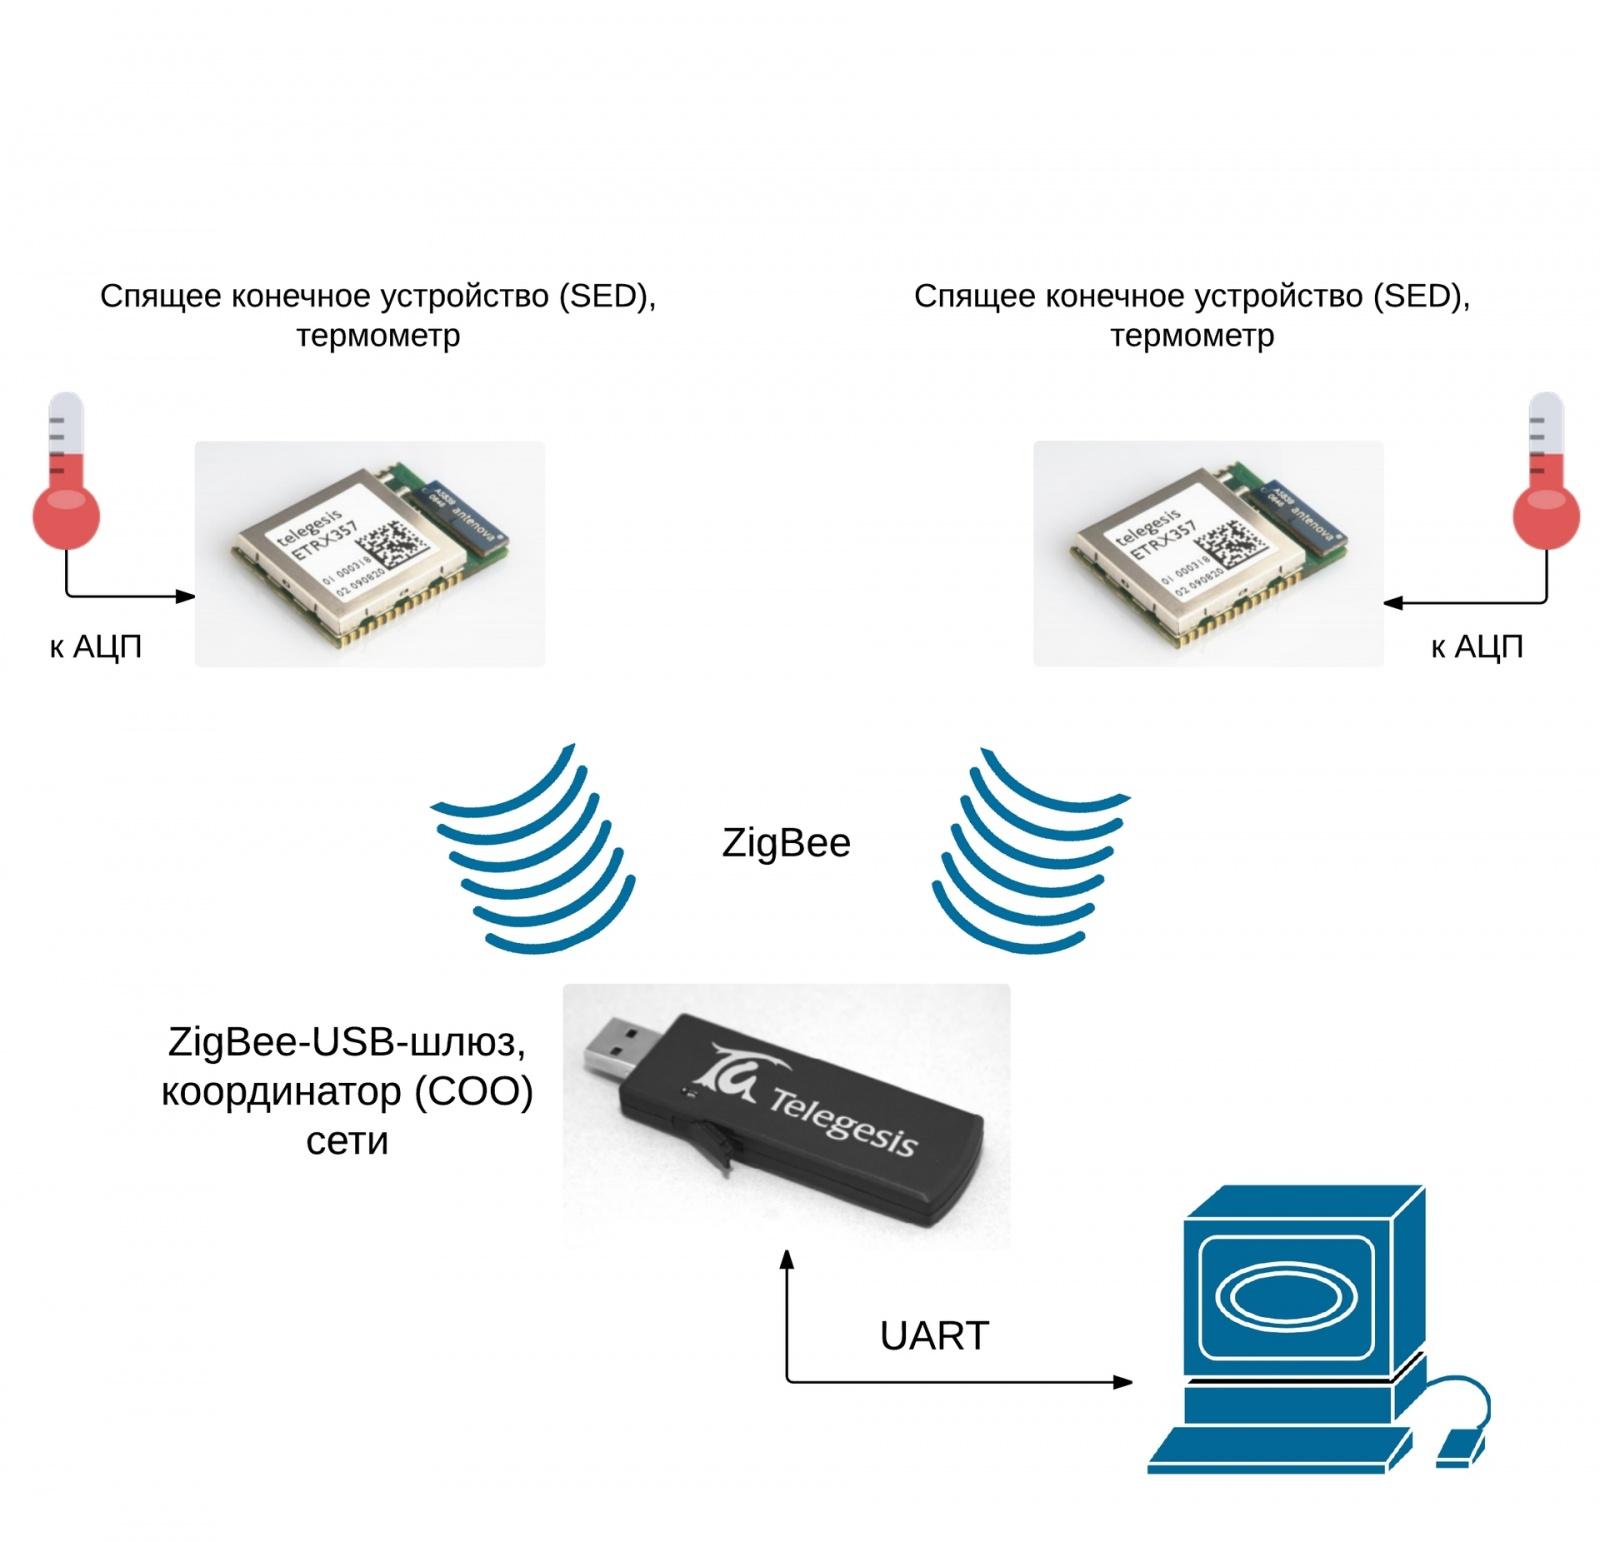 Беспроводные сети ZigBee. Часть 2 [Работа с радиомодулями ETRX35X] - 4